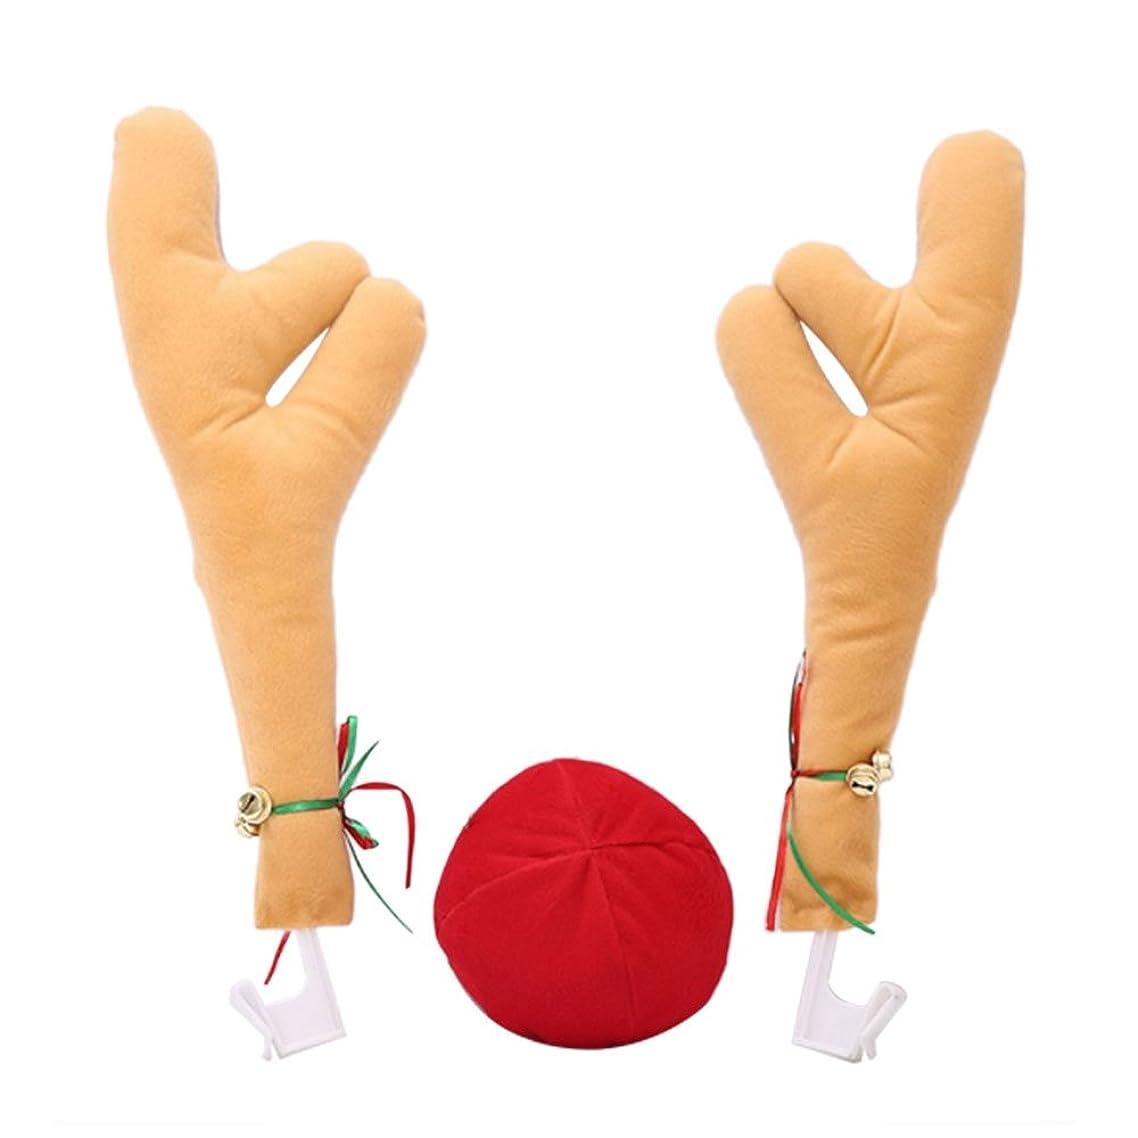 悲惨な裸仮称Kicode クリスマストナカイ 黄 アントラーズの装飾 赤いはな 車の窓装飾 お祝いのおもちゃの装飾品 ホームパーティー